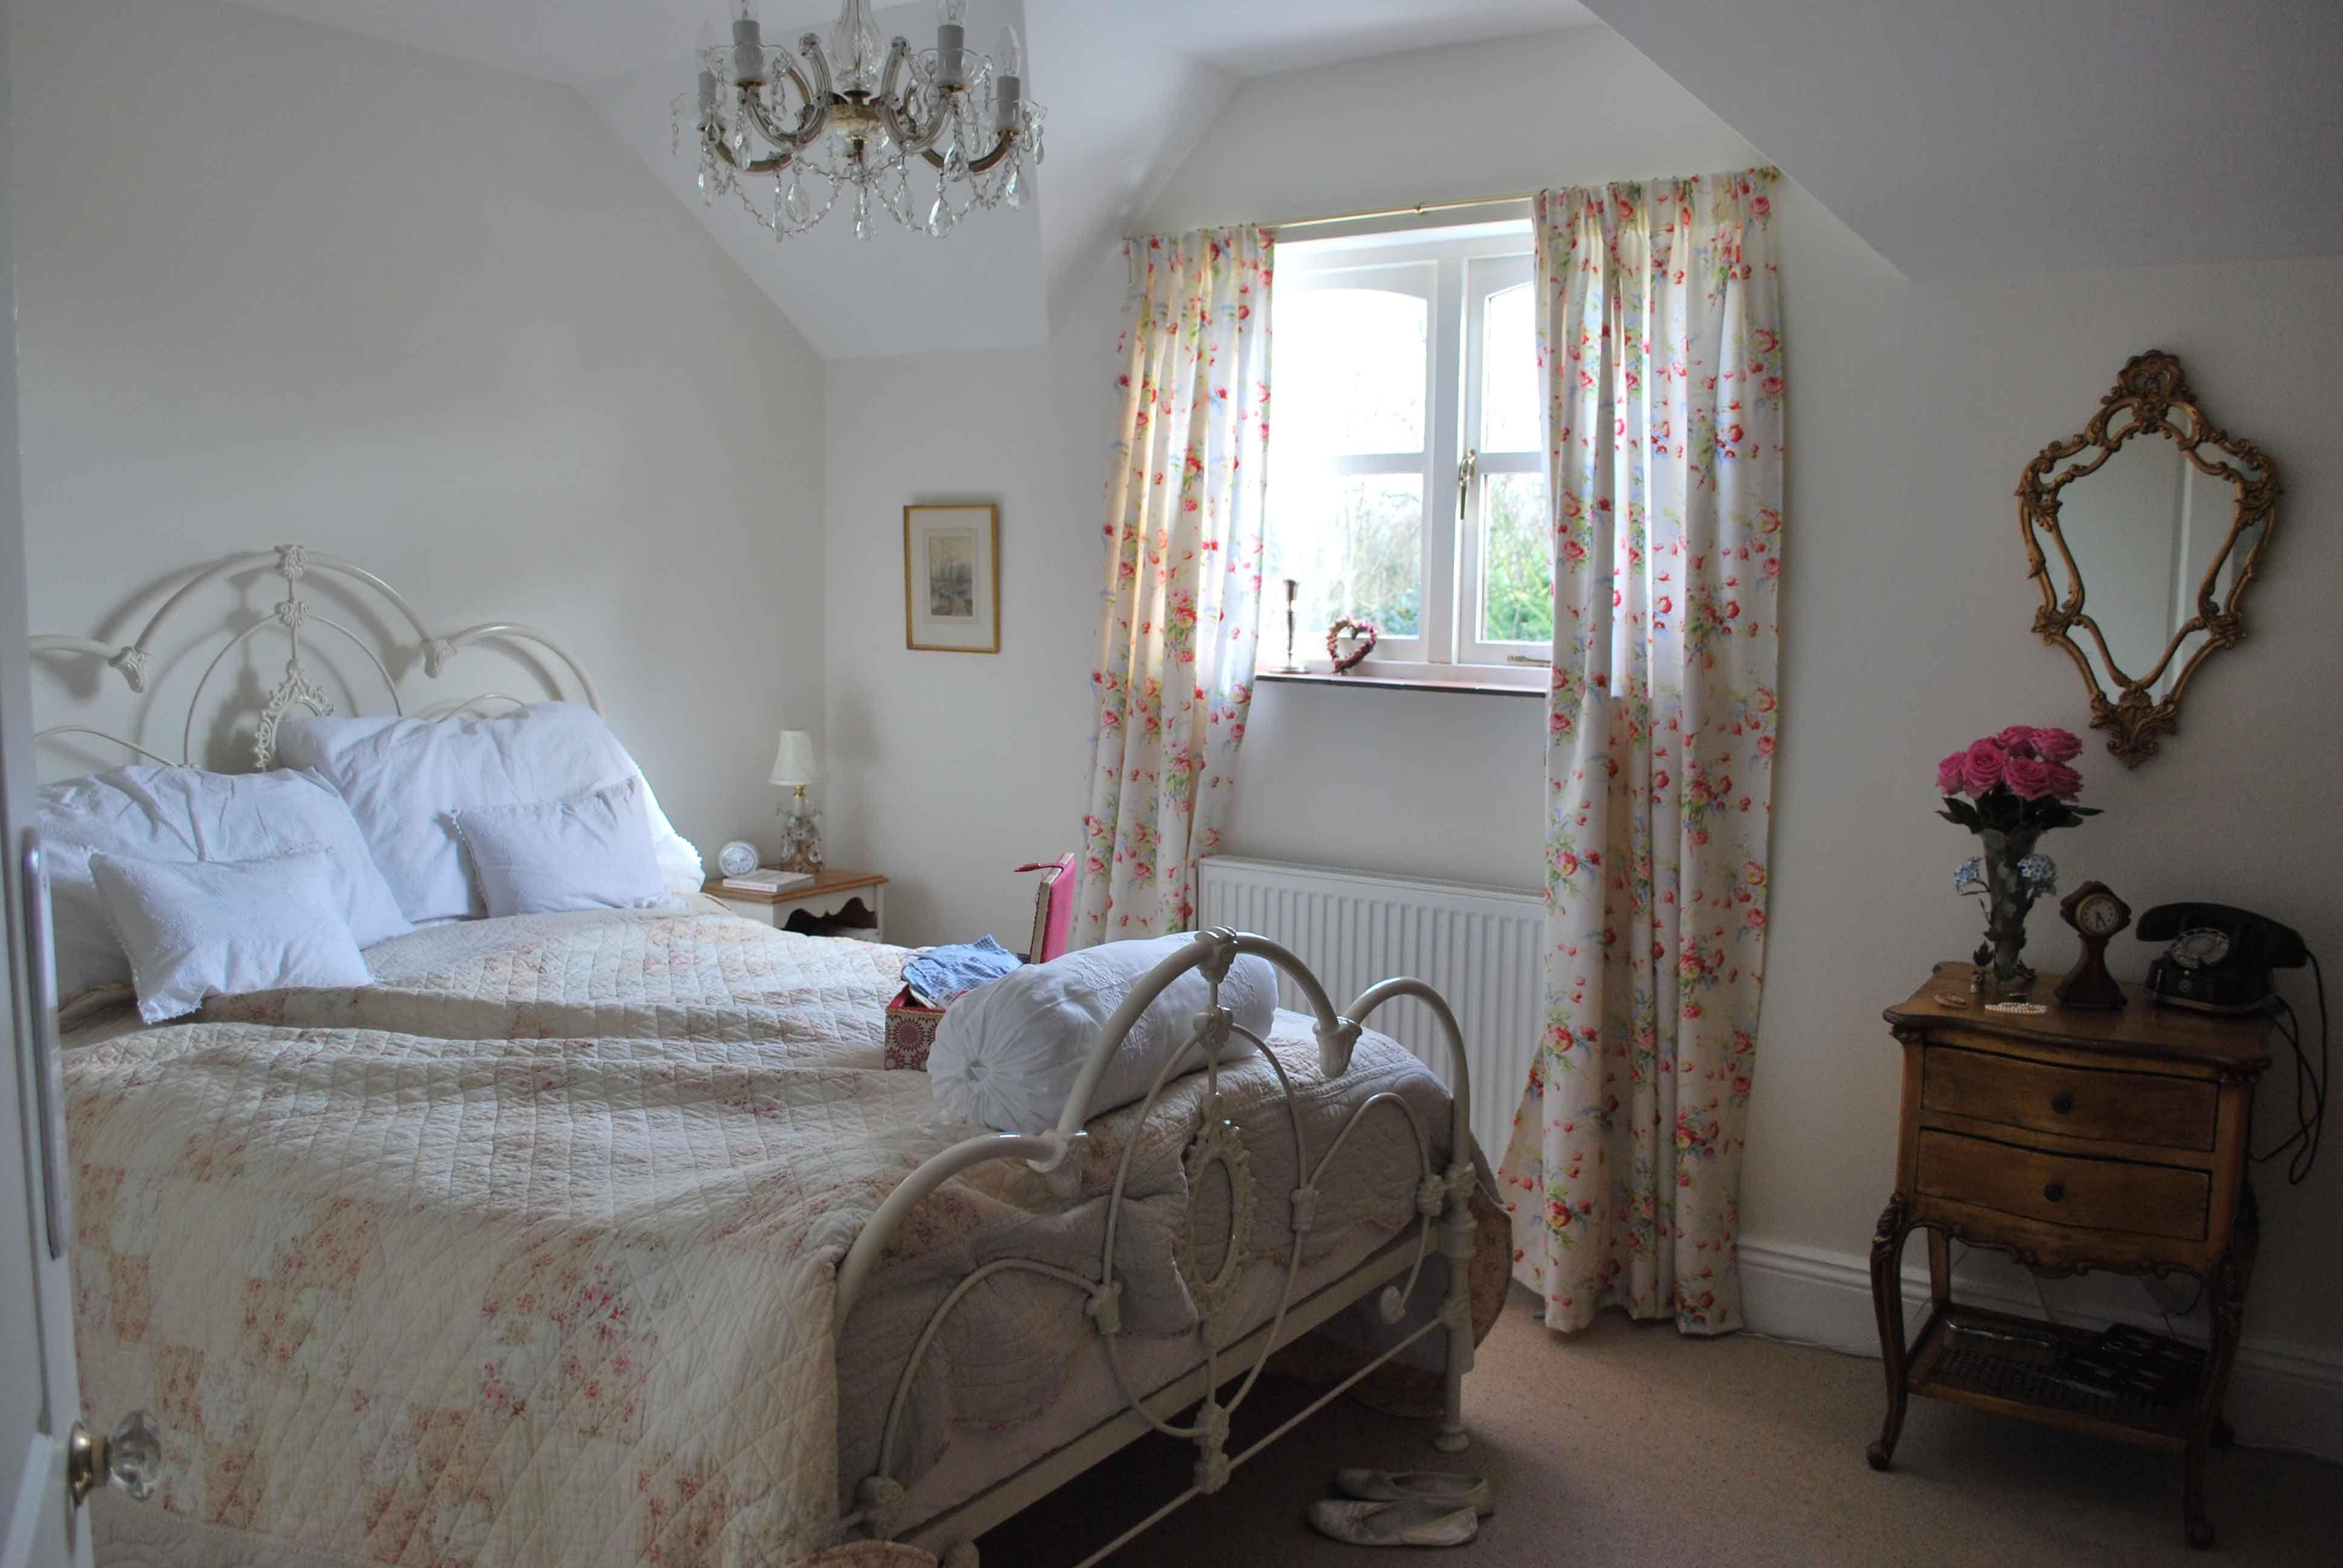 Arredare Camera Da Letto Stile Country : Bedroom in farrow and ball pointing idee arredamento